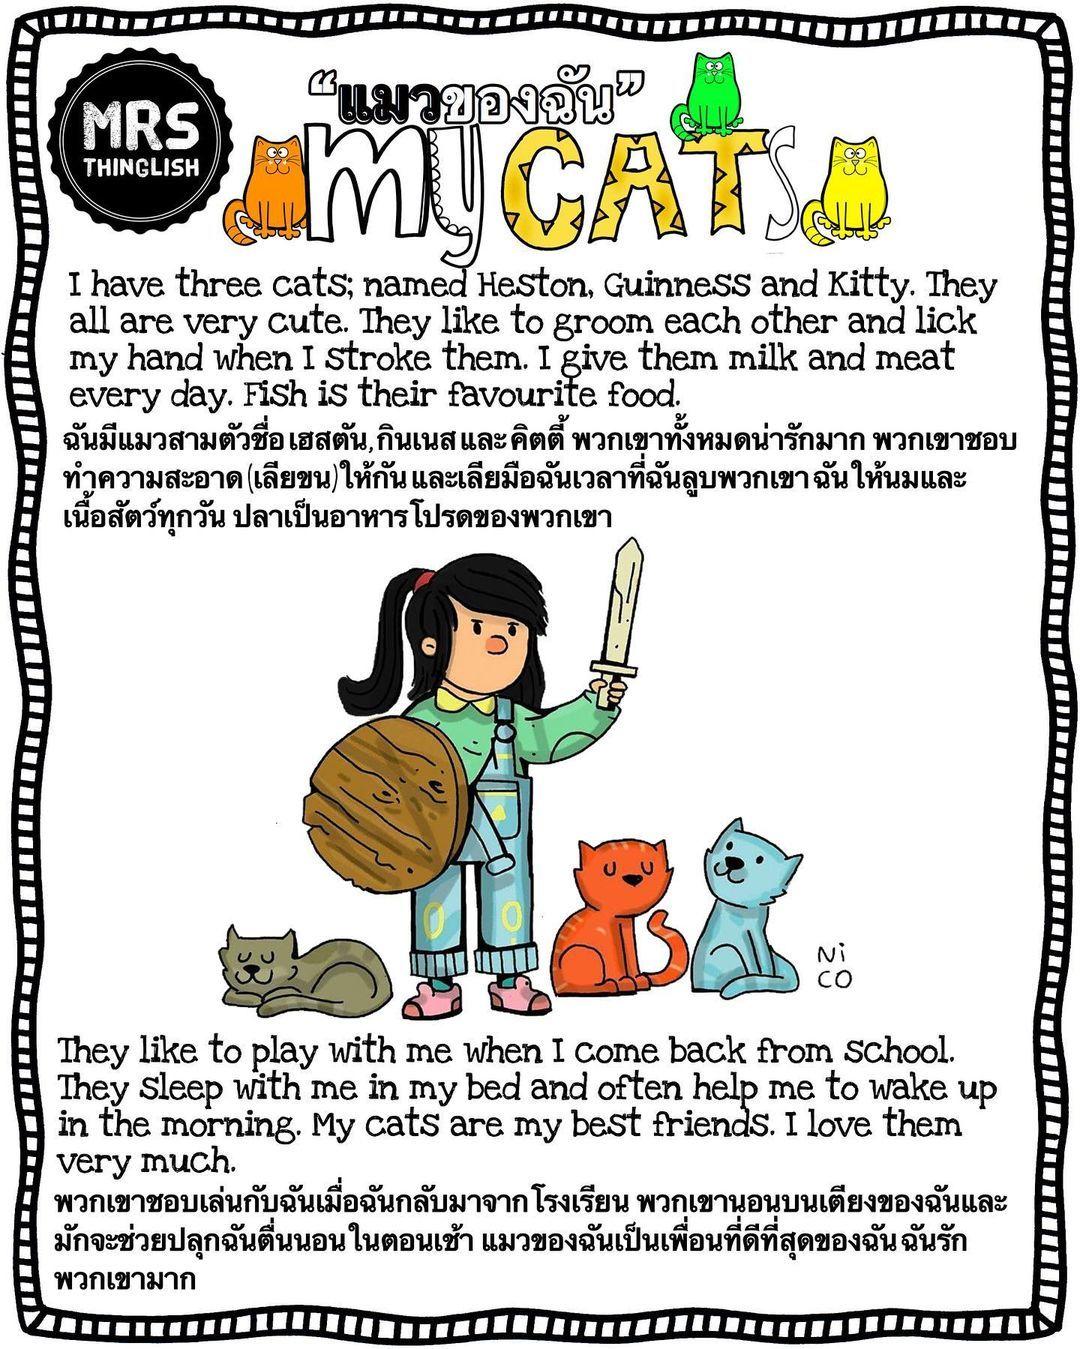 เร ยนภาษาอ งกฤษจากการ ต น On Instagram My Cat แมวของฉ น Mrsthinglish English อ งกฤษ ภาษาอ งกฤษ Learnenglish ในป 2021 เร ยนภาษาอ งกฤษ แบบฝ กห ดภาษา ภาษาอ งกฤษ